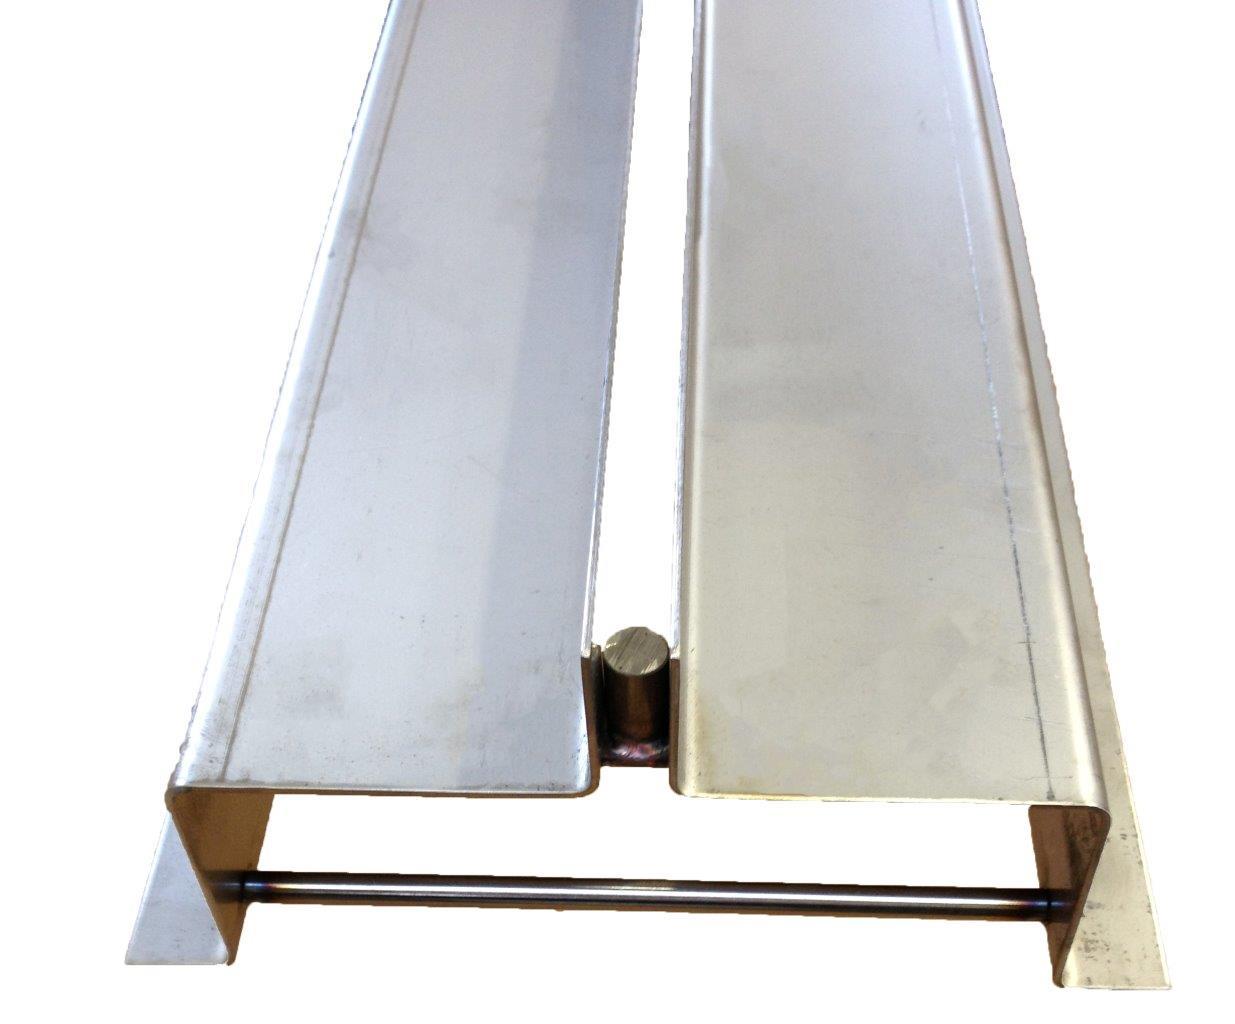 diffuseur d 39 air fente pour piscine dfp xx teddington g nie climatique. Black Bedroom Furniture Sets. Home Design Ideas